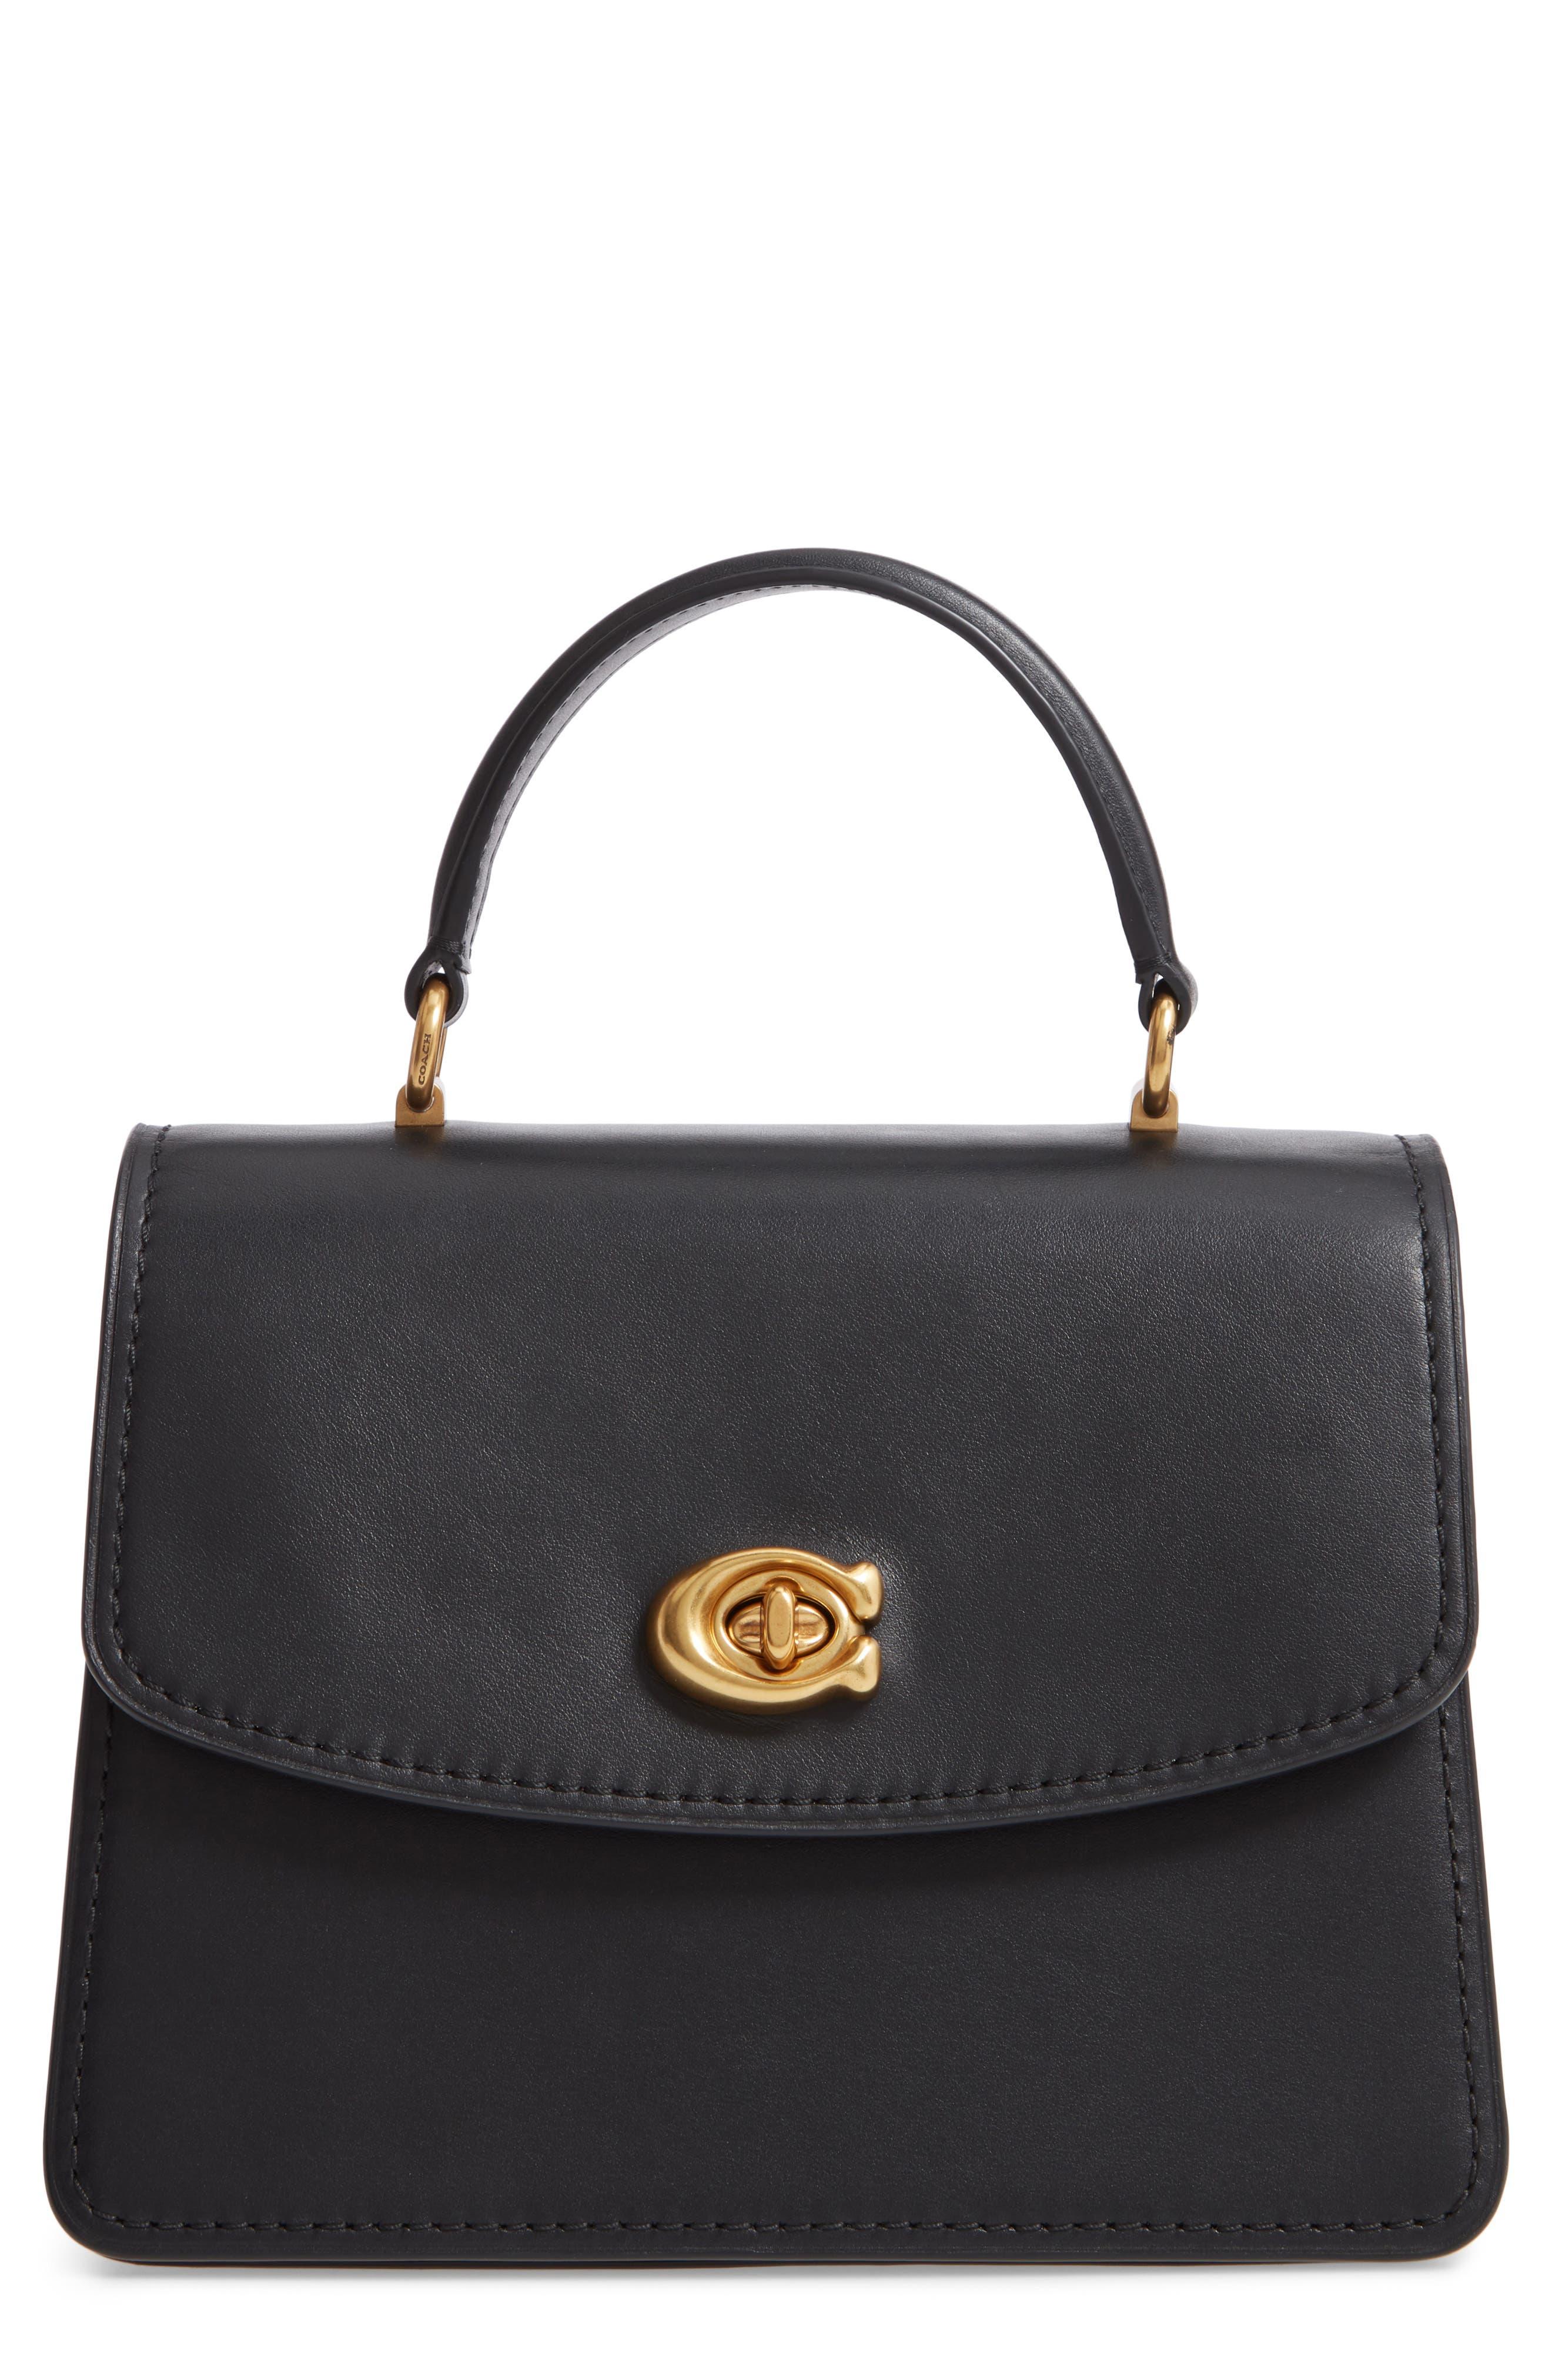 COACH,                             Parker Signature Canvas & Leather Top Handle Shoulder Bag,                             Main thumbnail 1, color,                             B4/ BLACK